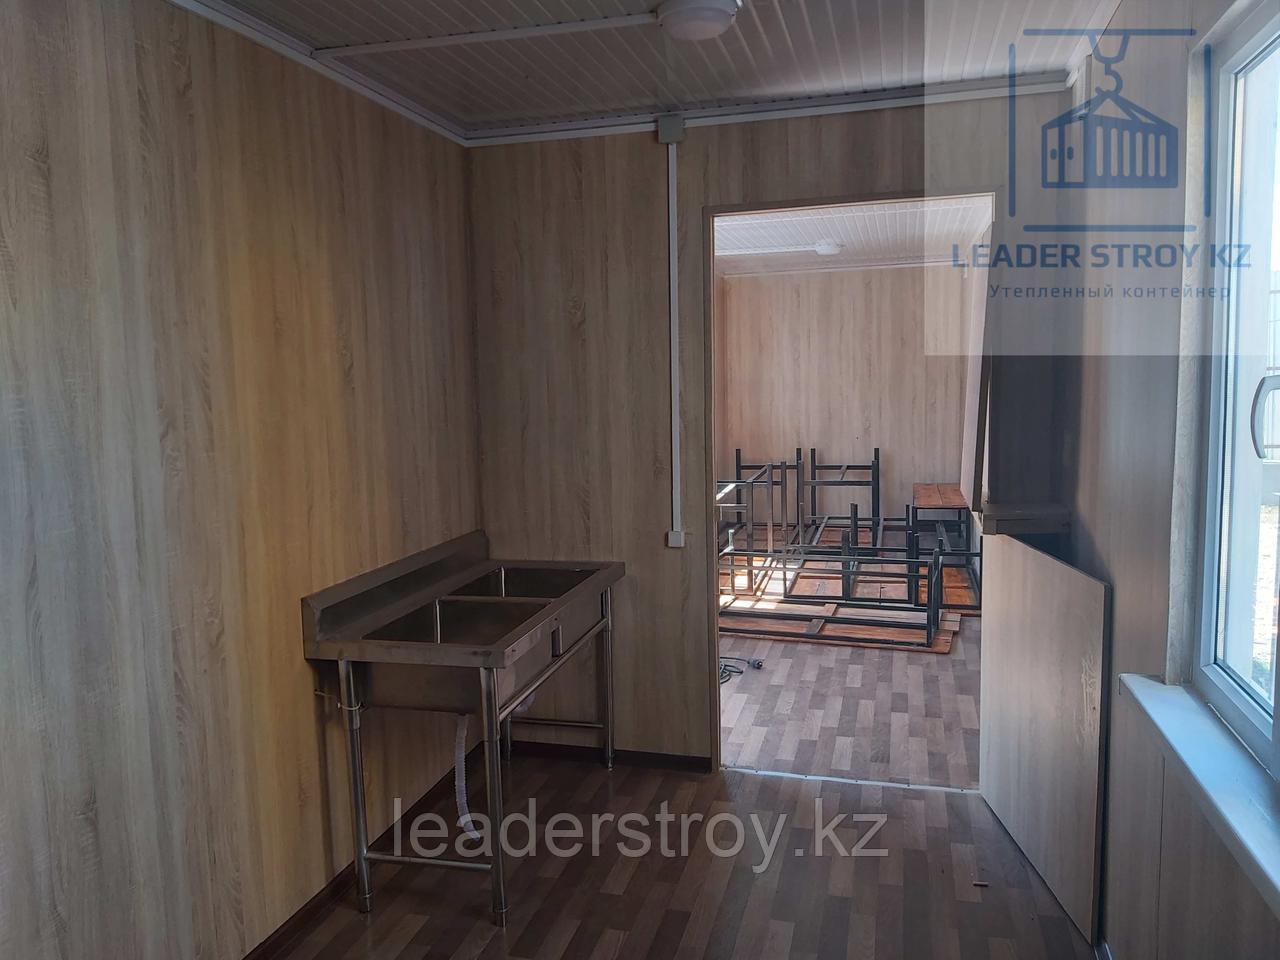 Жилой контейнер под столовую и кухню на 18 человек из 40 футового контейнера